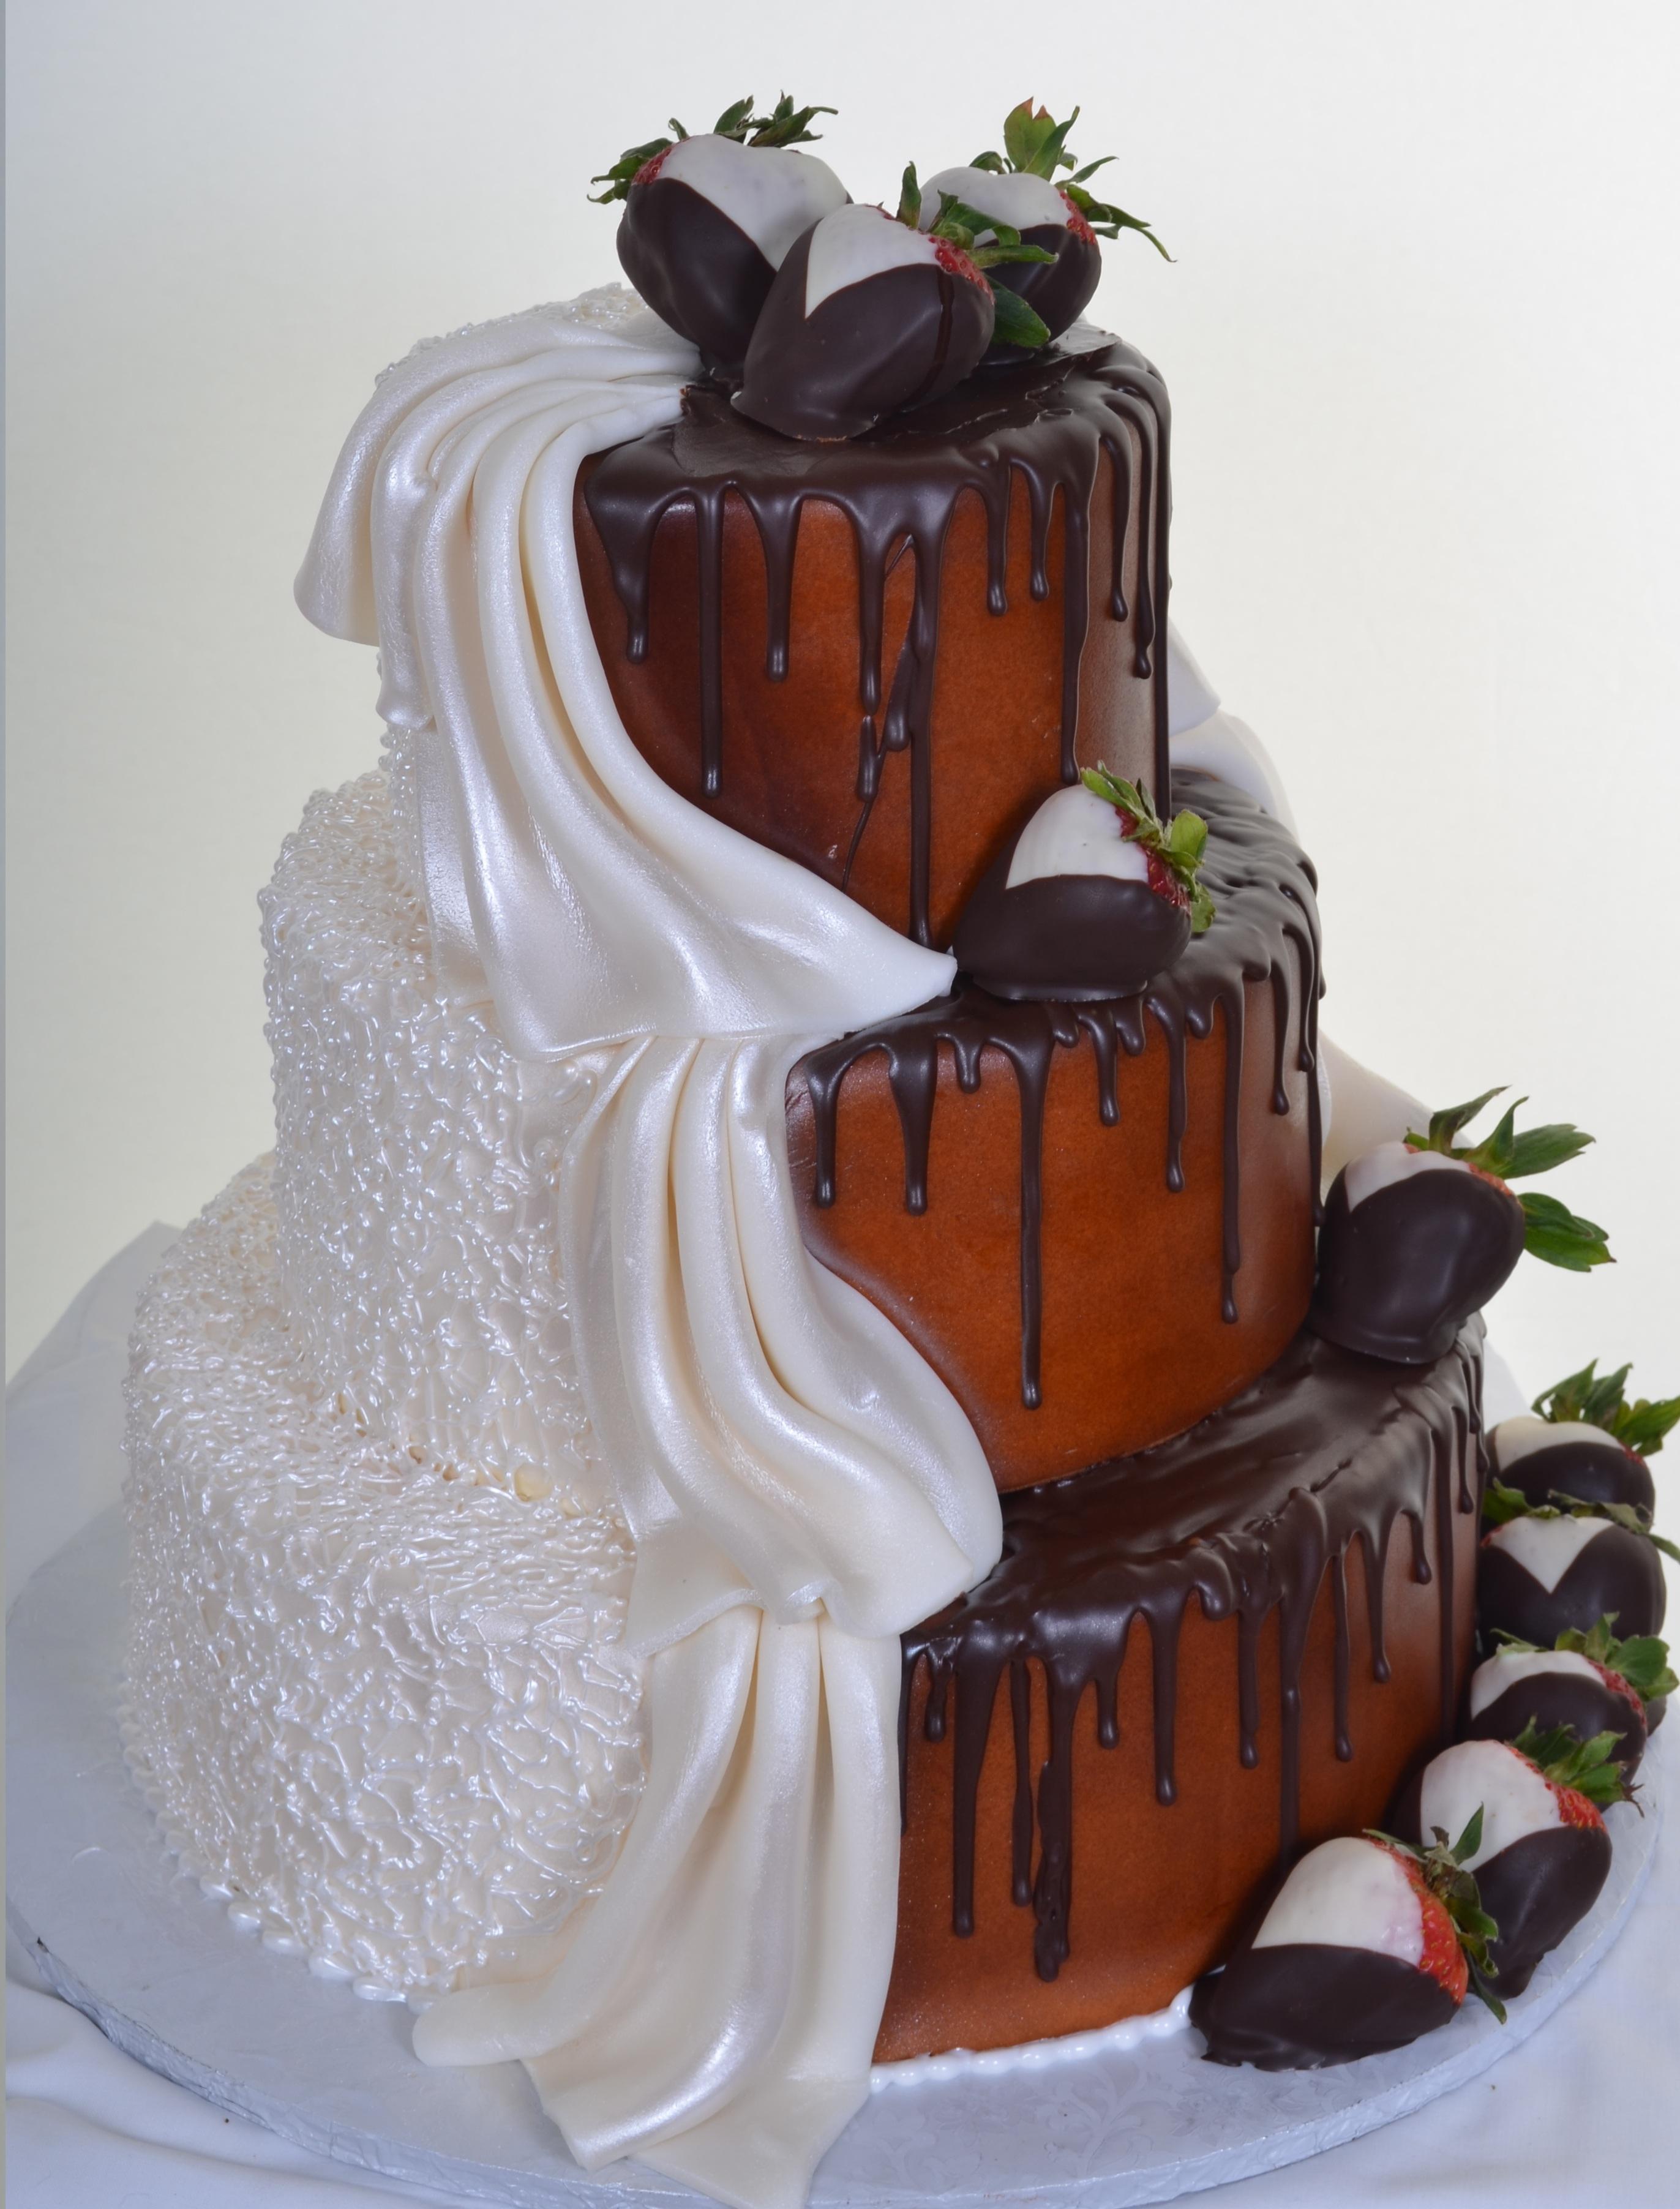 Pastry Palace Las Vegas Cake #794 - Split Personality